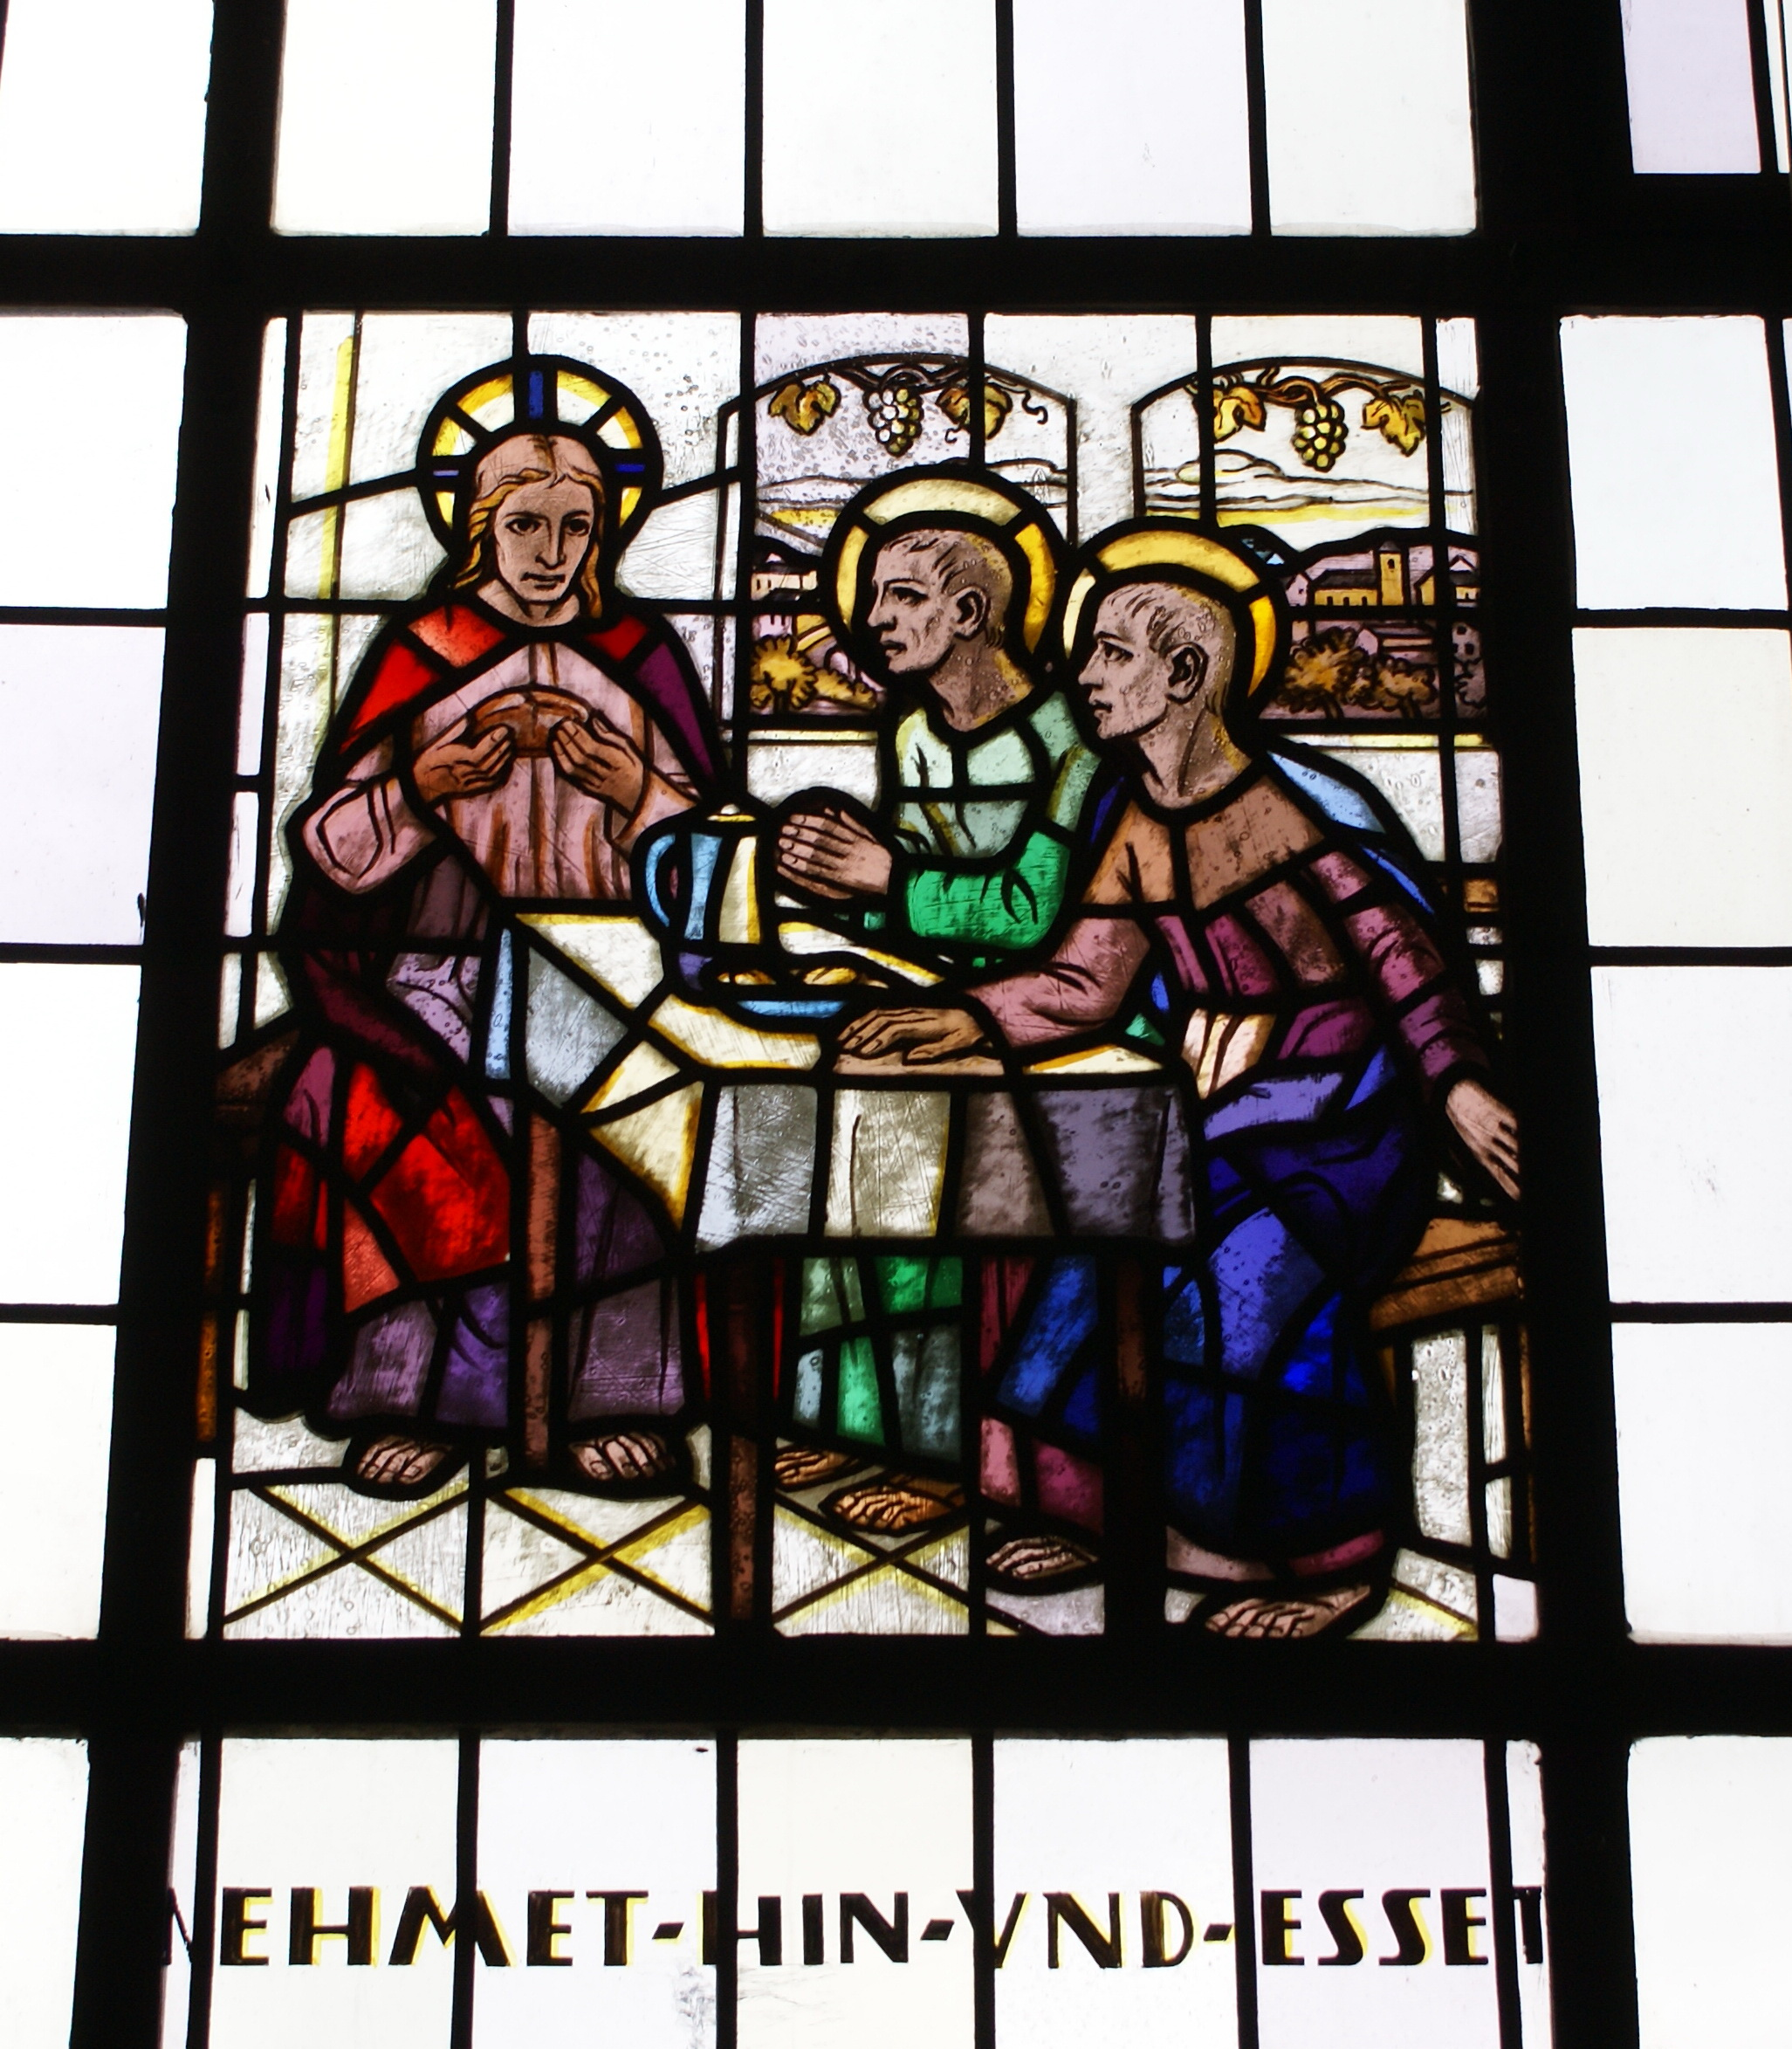 Katholische Kirche, Dorsheim, Holzsprossenfenster über der Tür, links